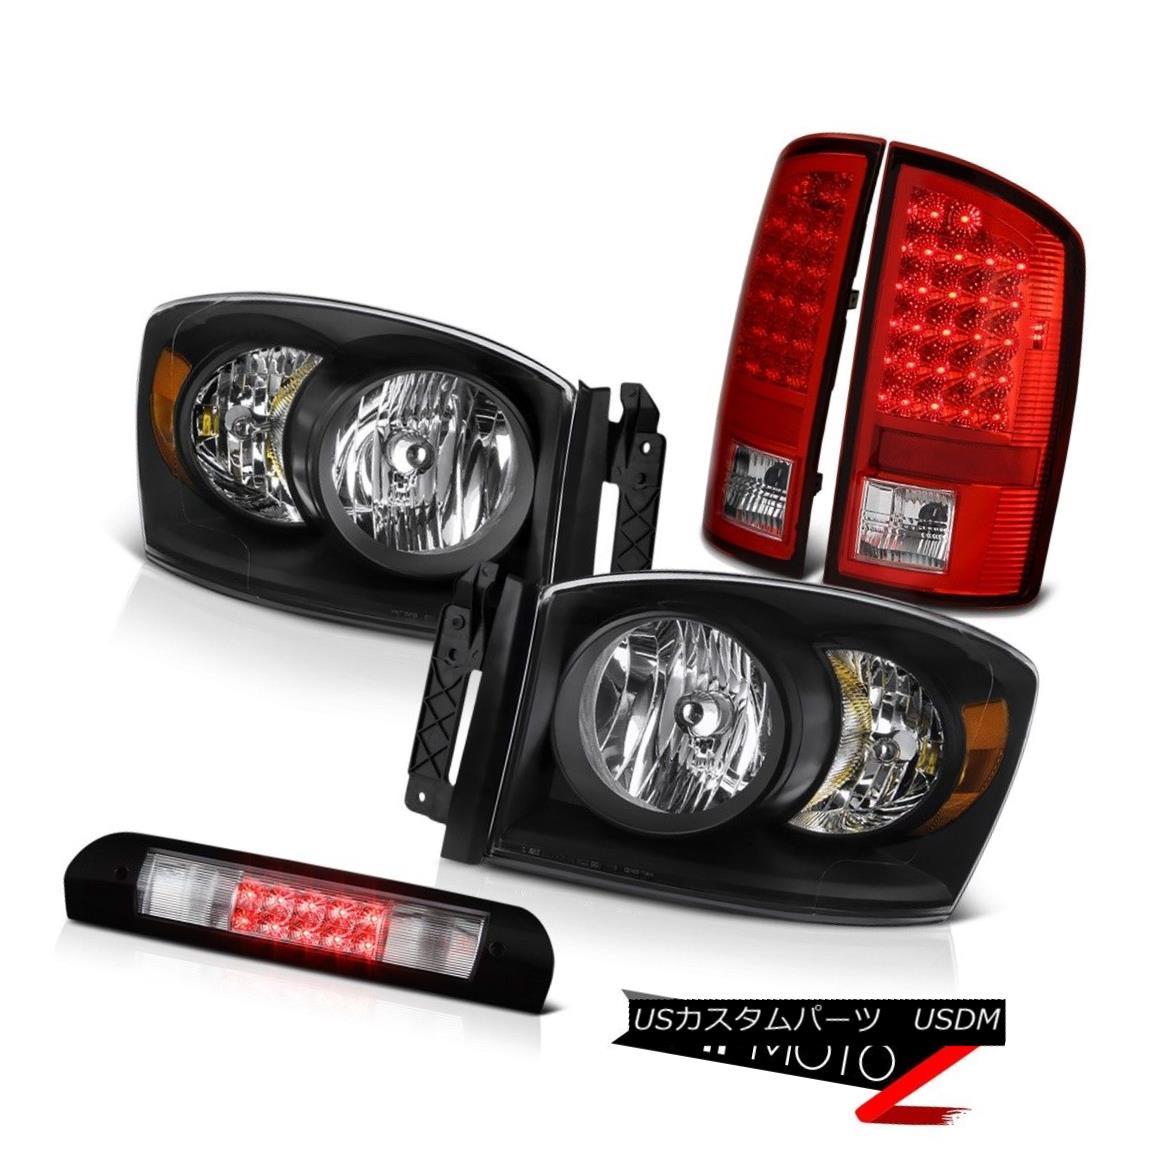 ヘッドライト L+R Headlamp RED LED Tail Light Assembly Euro 3rd Brake 2007-2008 Dodge Ram 3500 L + RヘッドランプRED LEDテールライトアセンブリユーロ3ブレーキ2007-2008ダッジラム3500